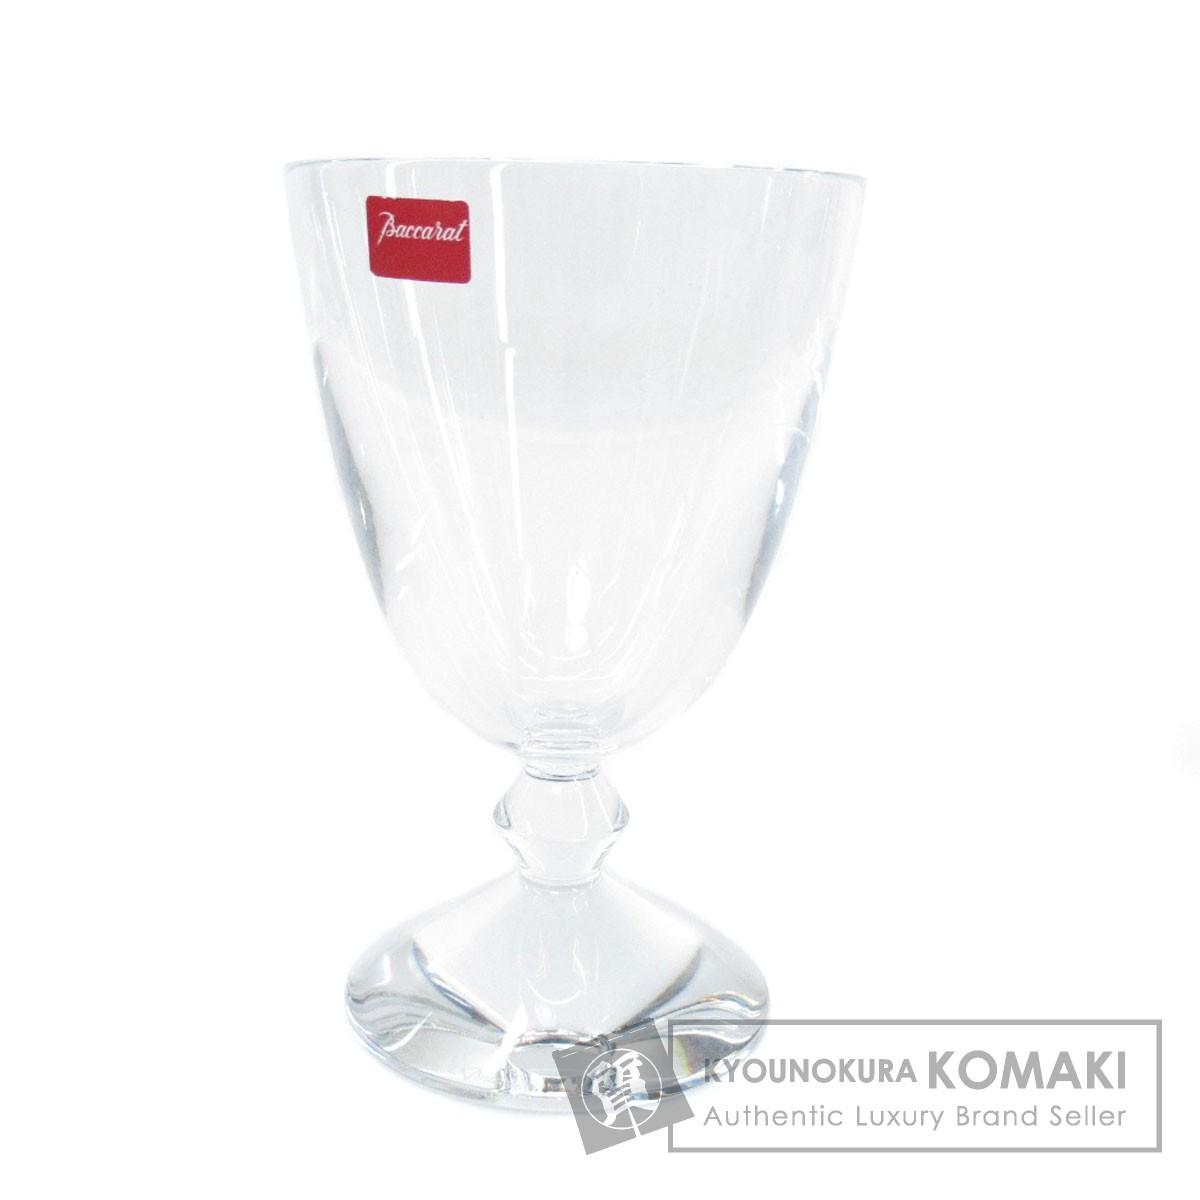 Baccarat ベガ グラス クリスタルガラス ユニセックス 【中古】【バカラ】